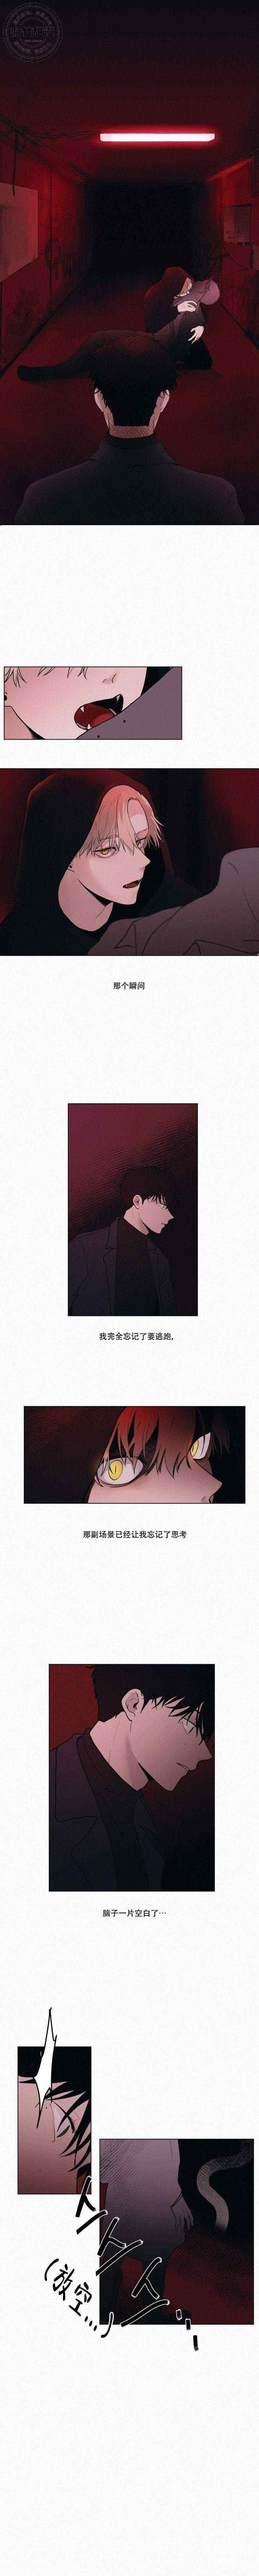 韩漫 |《我会给你血》人类跟吸血鬼,如何才能相爱?  第4张